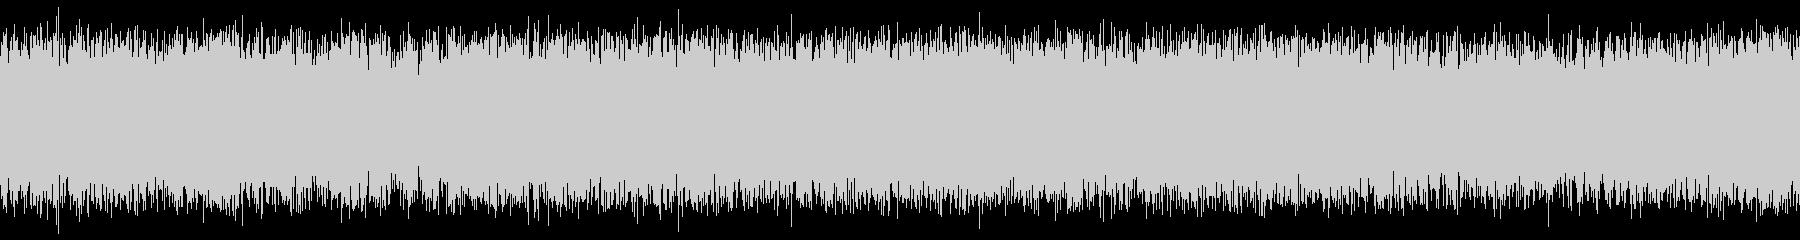 列車の走行音2(IC)の未再生の波形